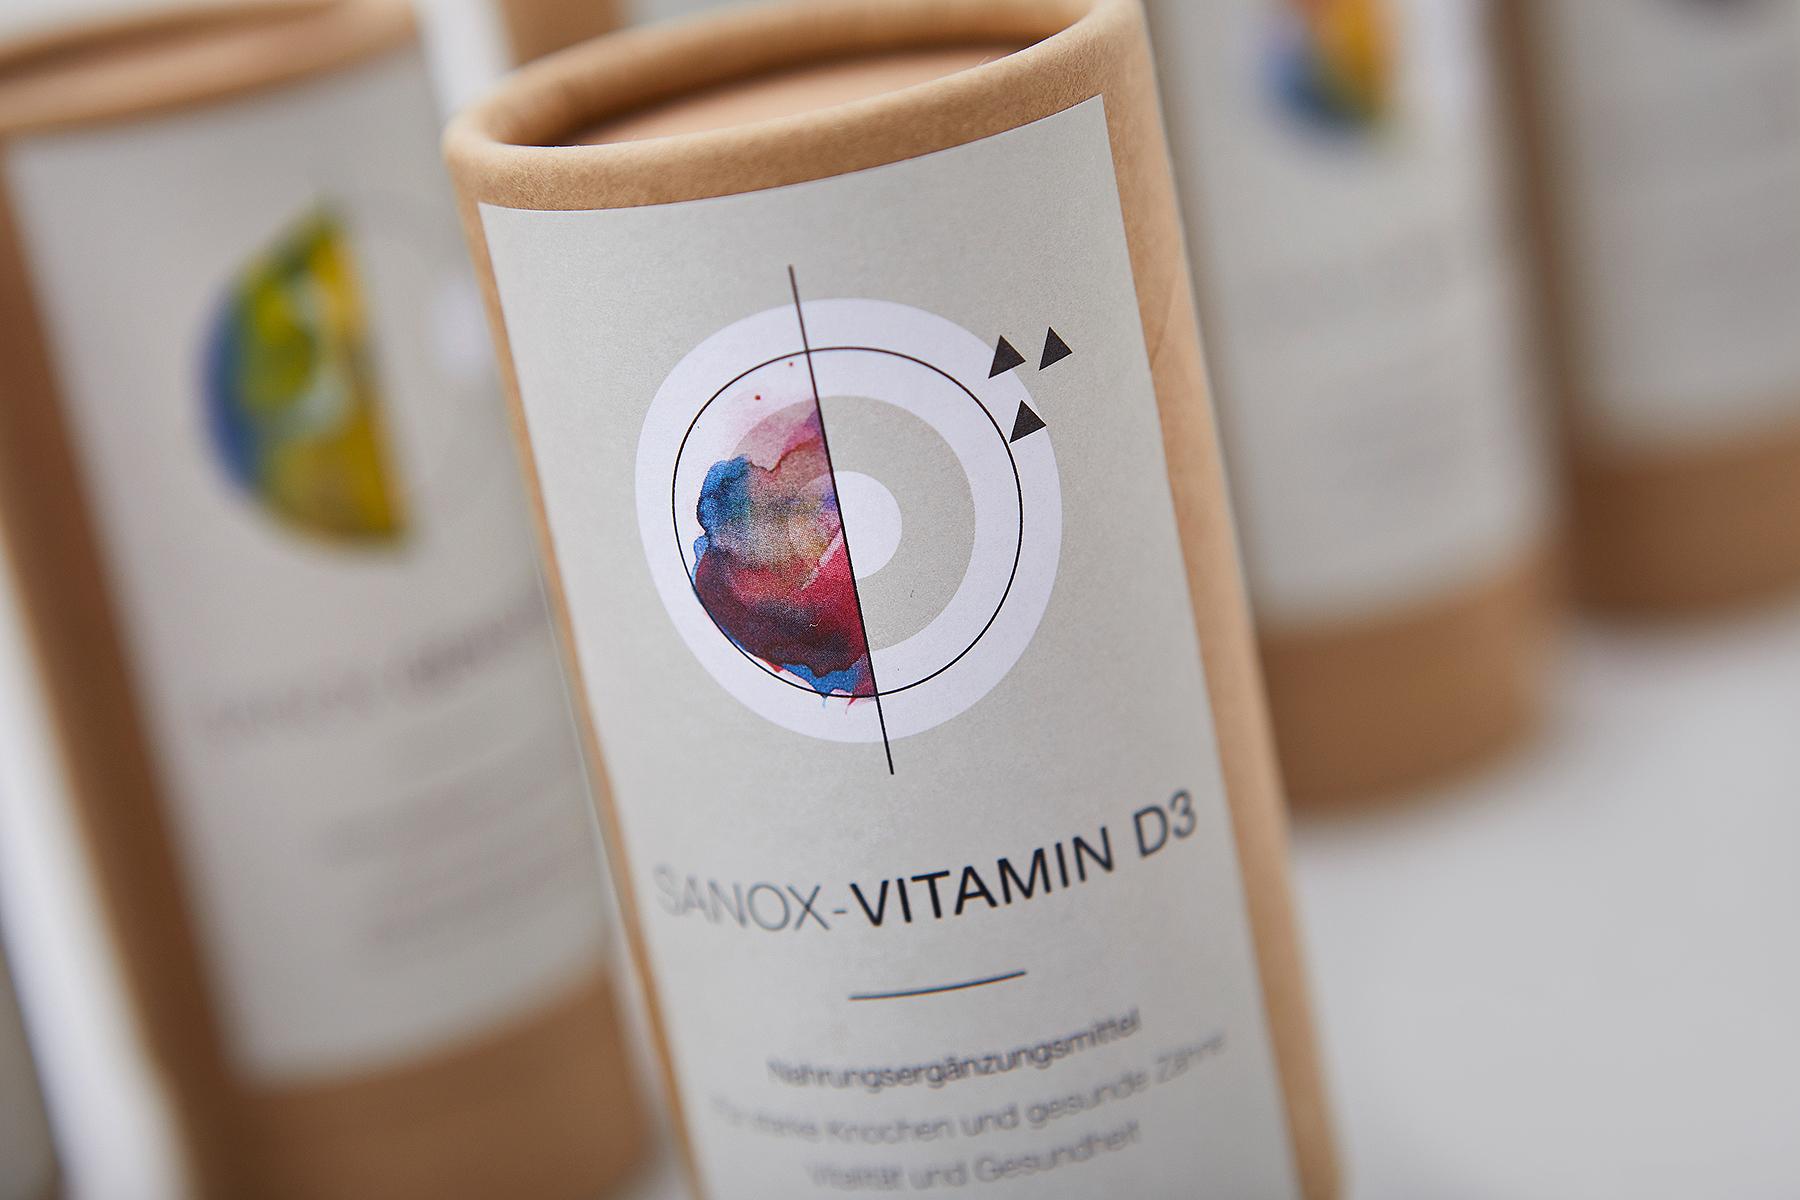 NotJust Sanoxsys Nahrungsergänzung Verpackungsdesign